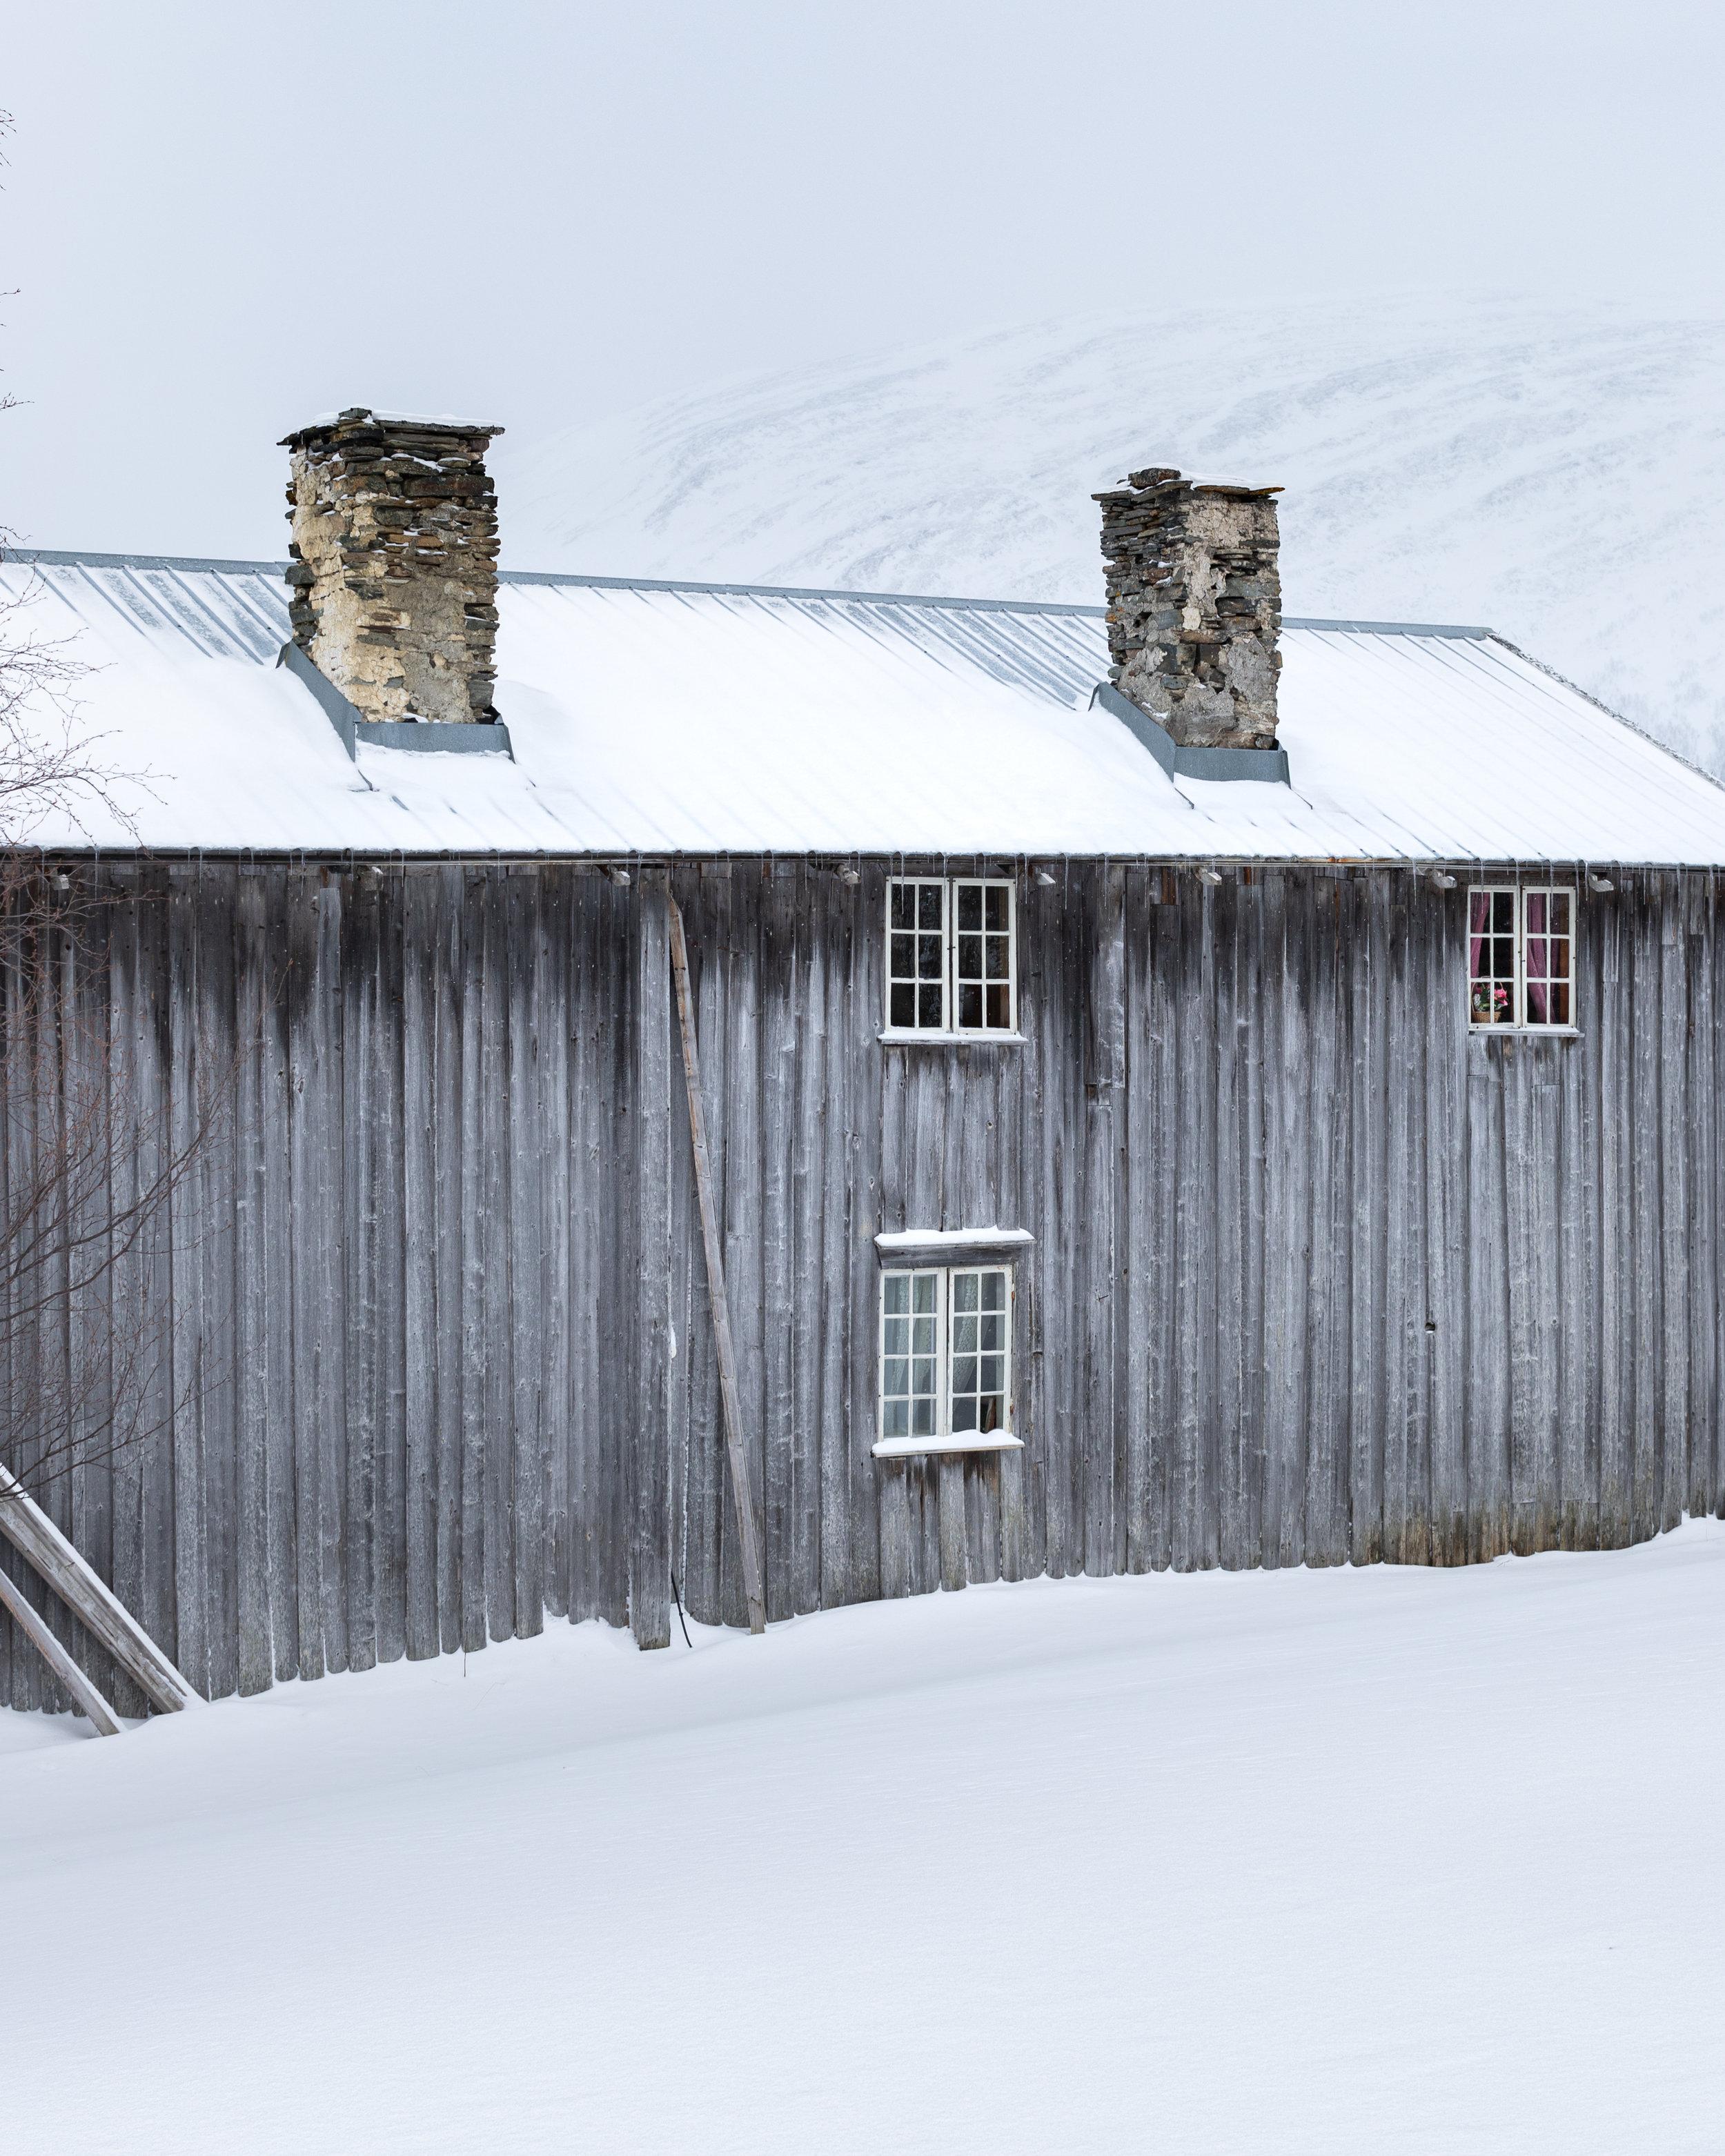 Frosty in Jämtland#2.jpg